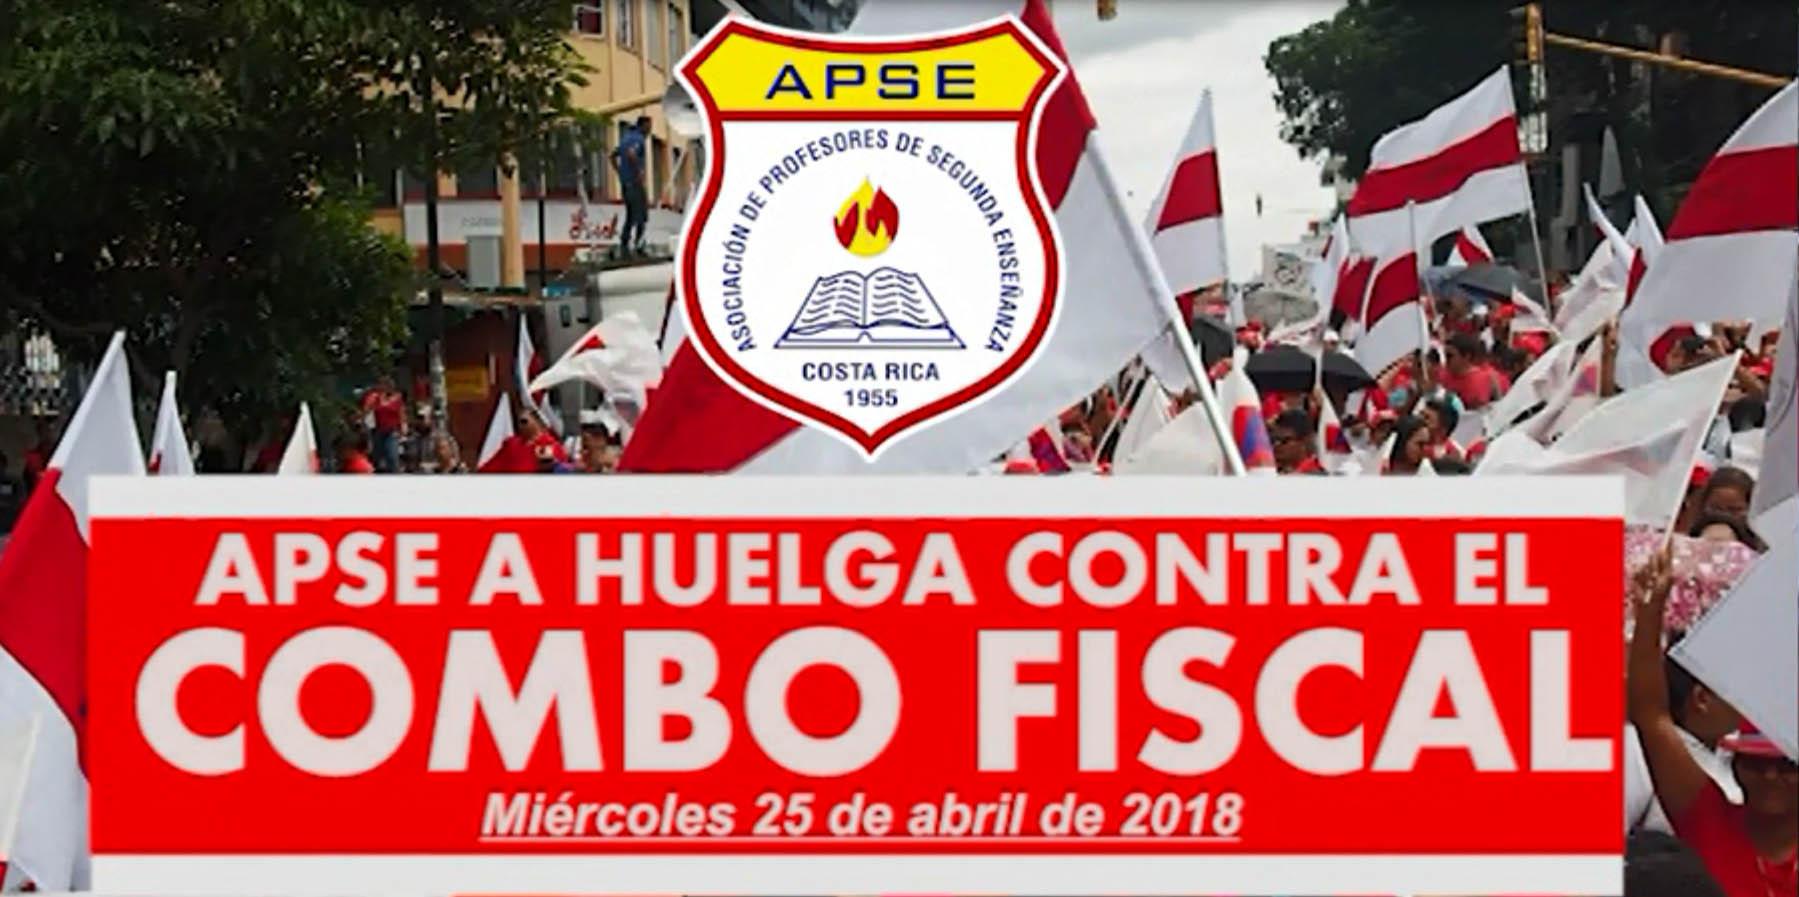 APSE A HUELGA CONTRA EL COMBO FISCAL